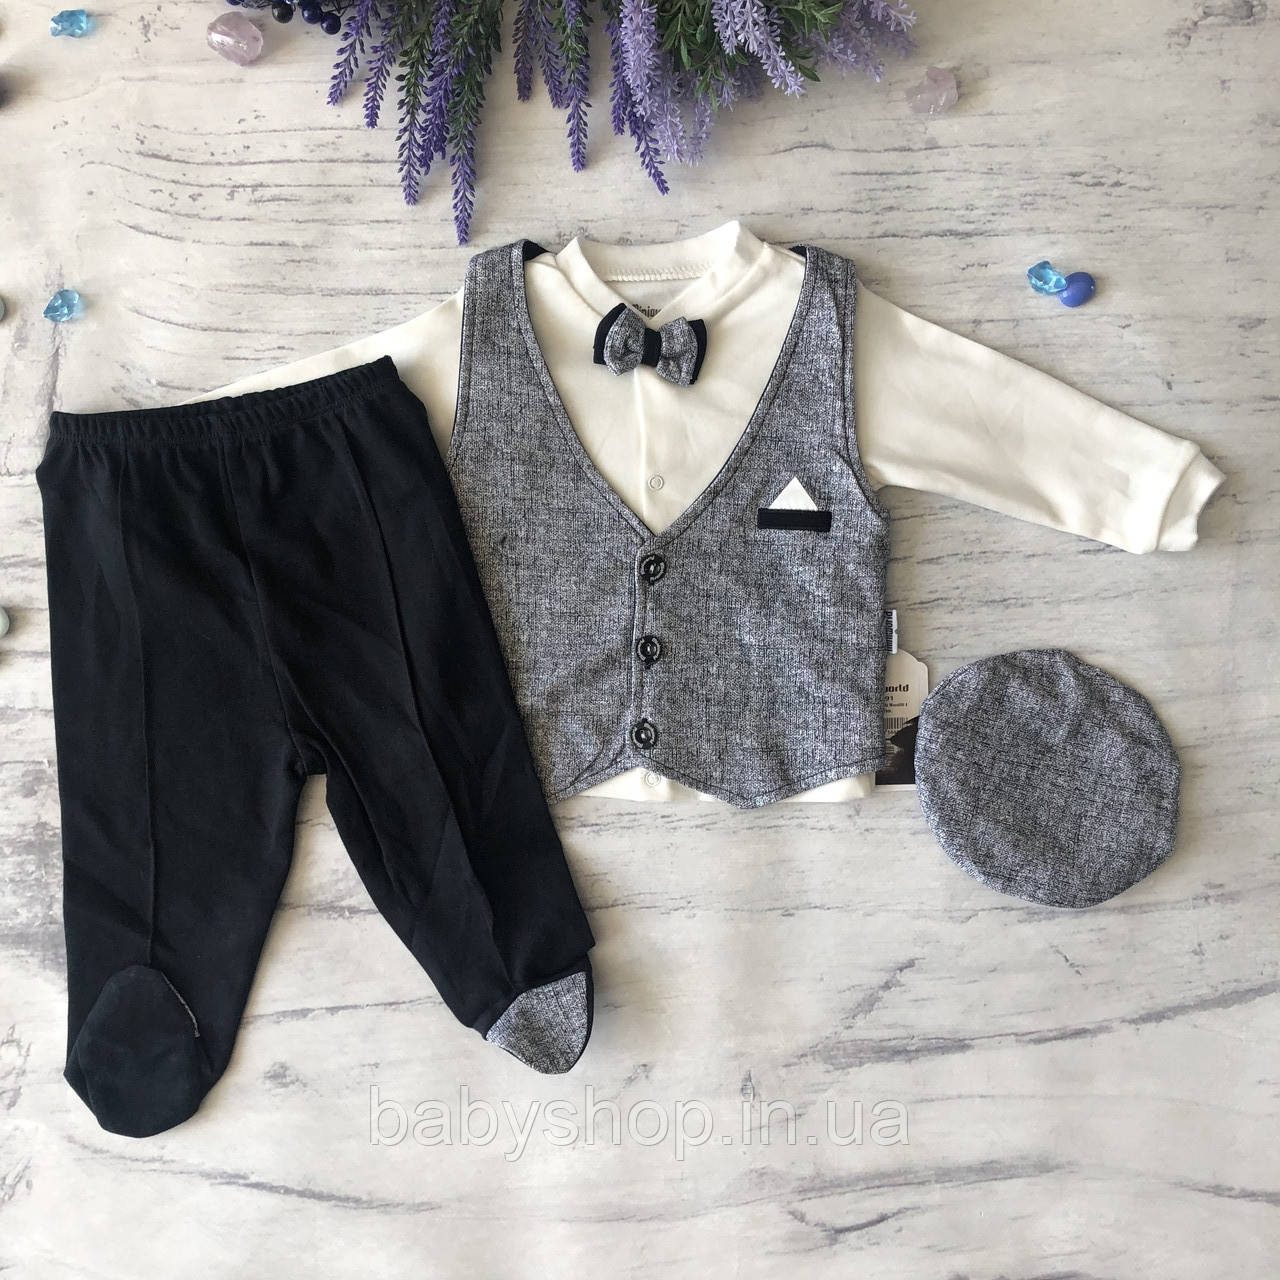 Нарядный, Крестильный костюм,  для мальчика Miniworld 8. Размер 68 см, 74 см